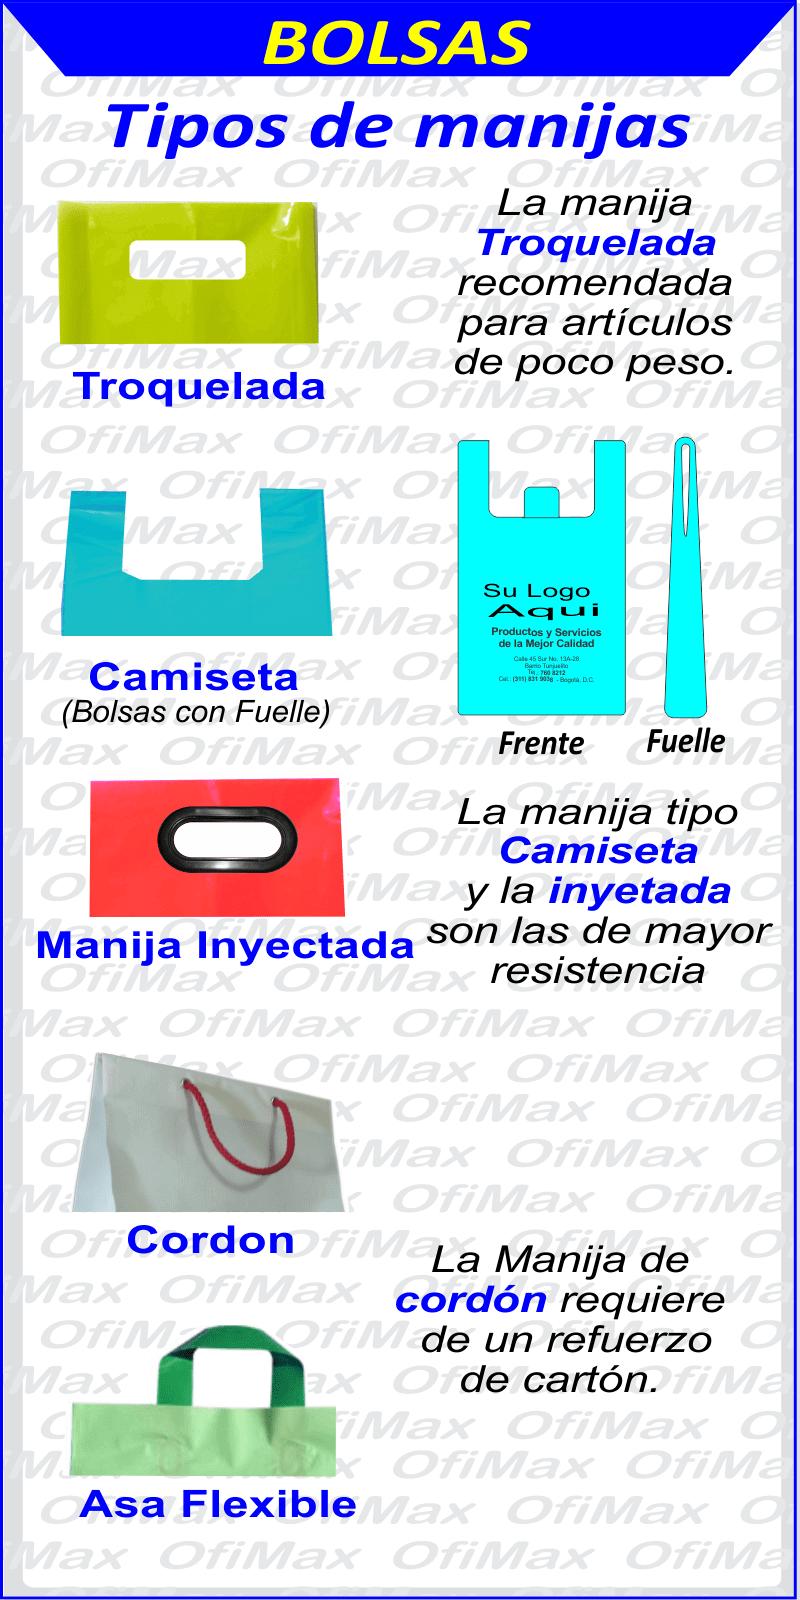 ed8cfb9a9 bolsas plasticas biodegradables manijas bolsas plasticas biodegradables  manijas